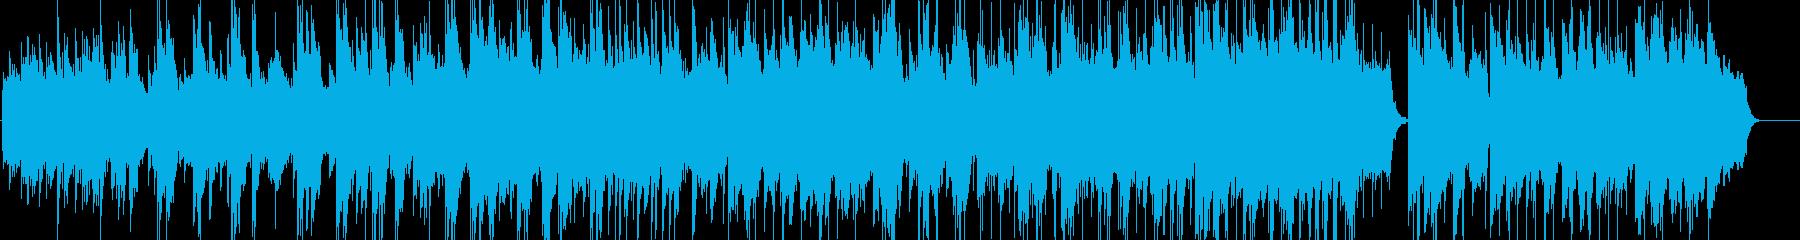 爽やかな朝の目覚めをイメージしたBGMの再生済みの波形